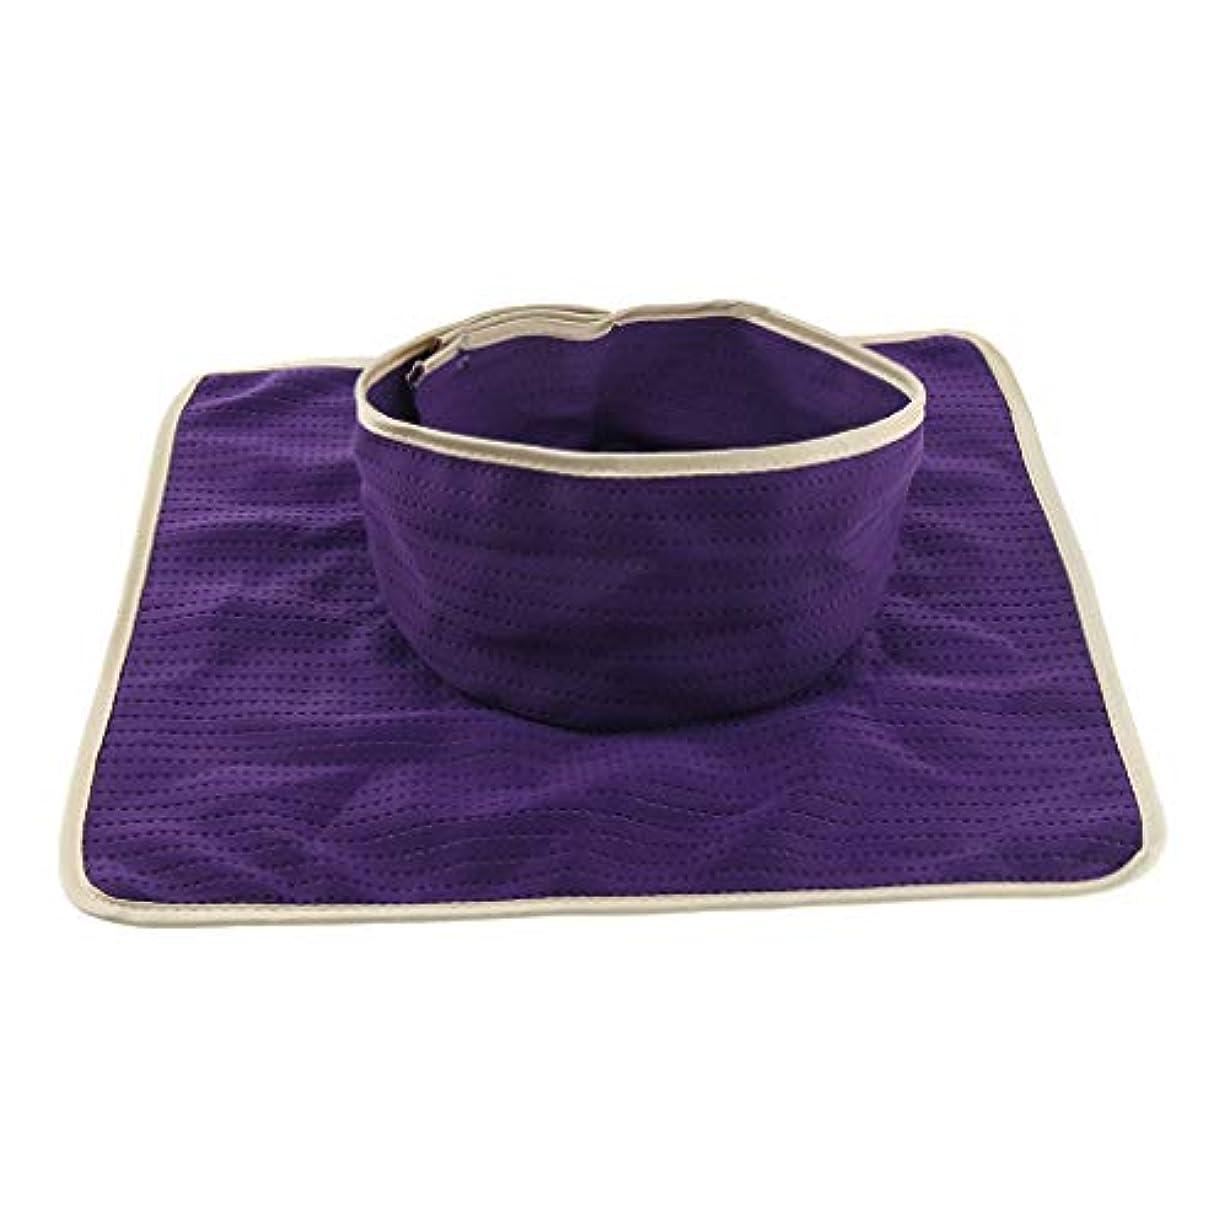 なんでも長々と主張するD DOLITY マッサージ ベッド テーブル ヘッドパッド 頭の穴付 再使用可能 約35×35cm 全3色 - 紫